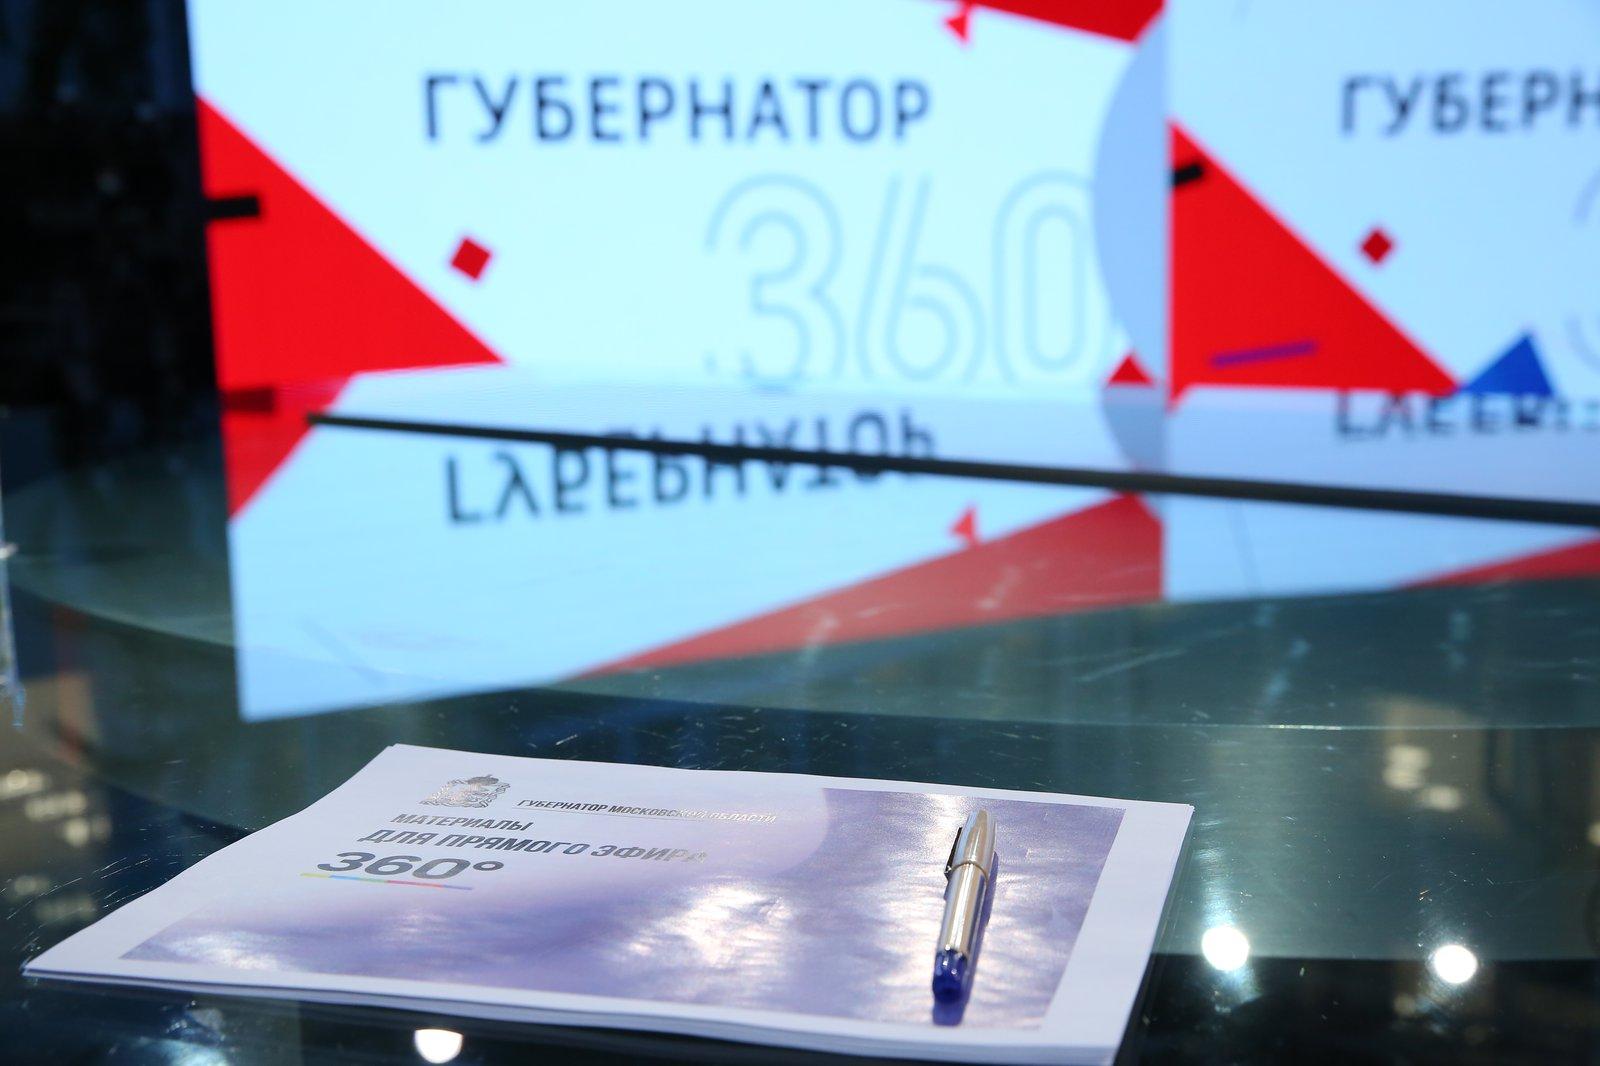 Андрей Воробьев губернатор московской области - Итоги января в эфире телеканала «360»